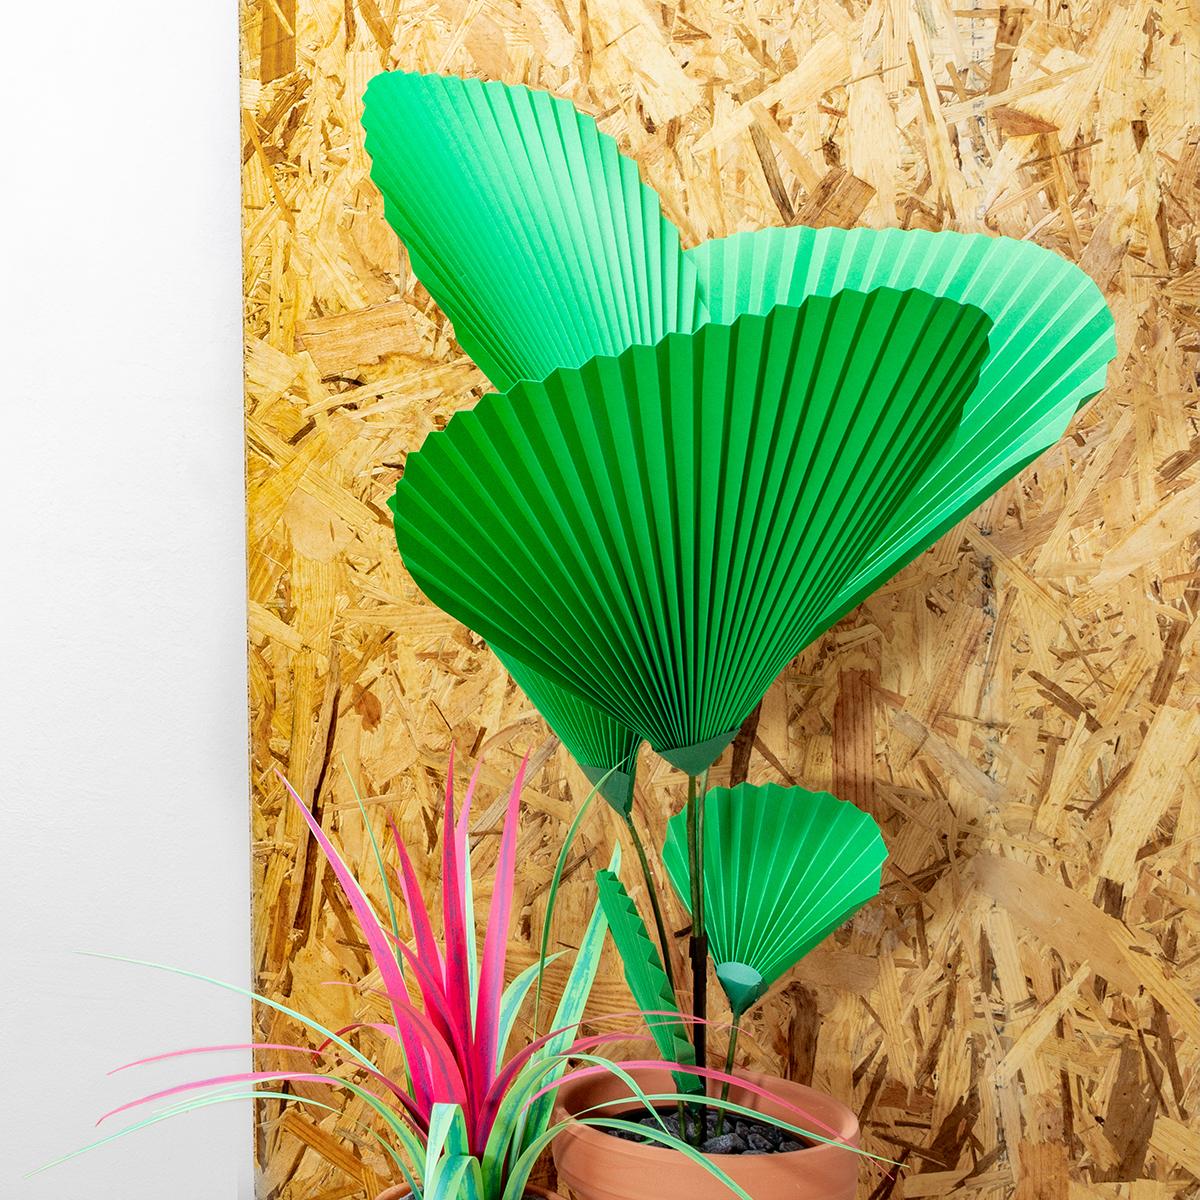 jungla, plantas de papel, palma y cinta